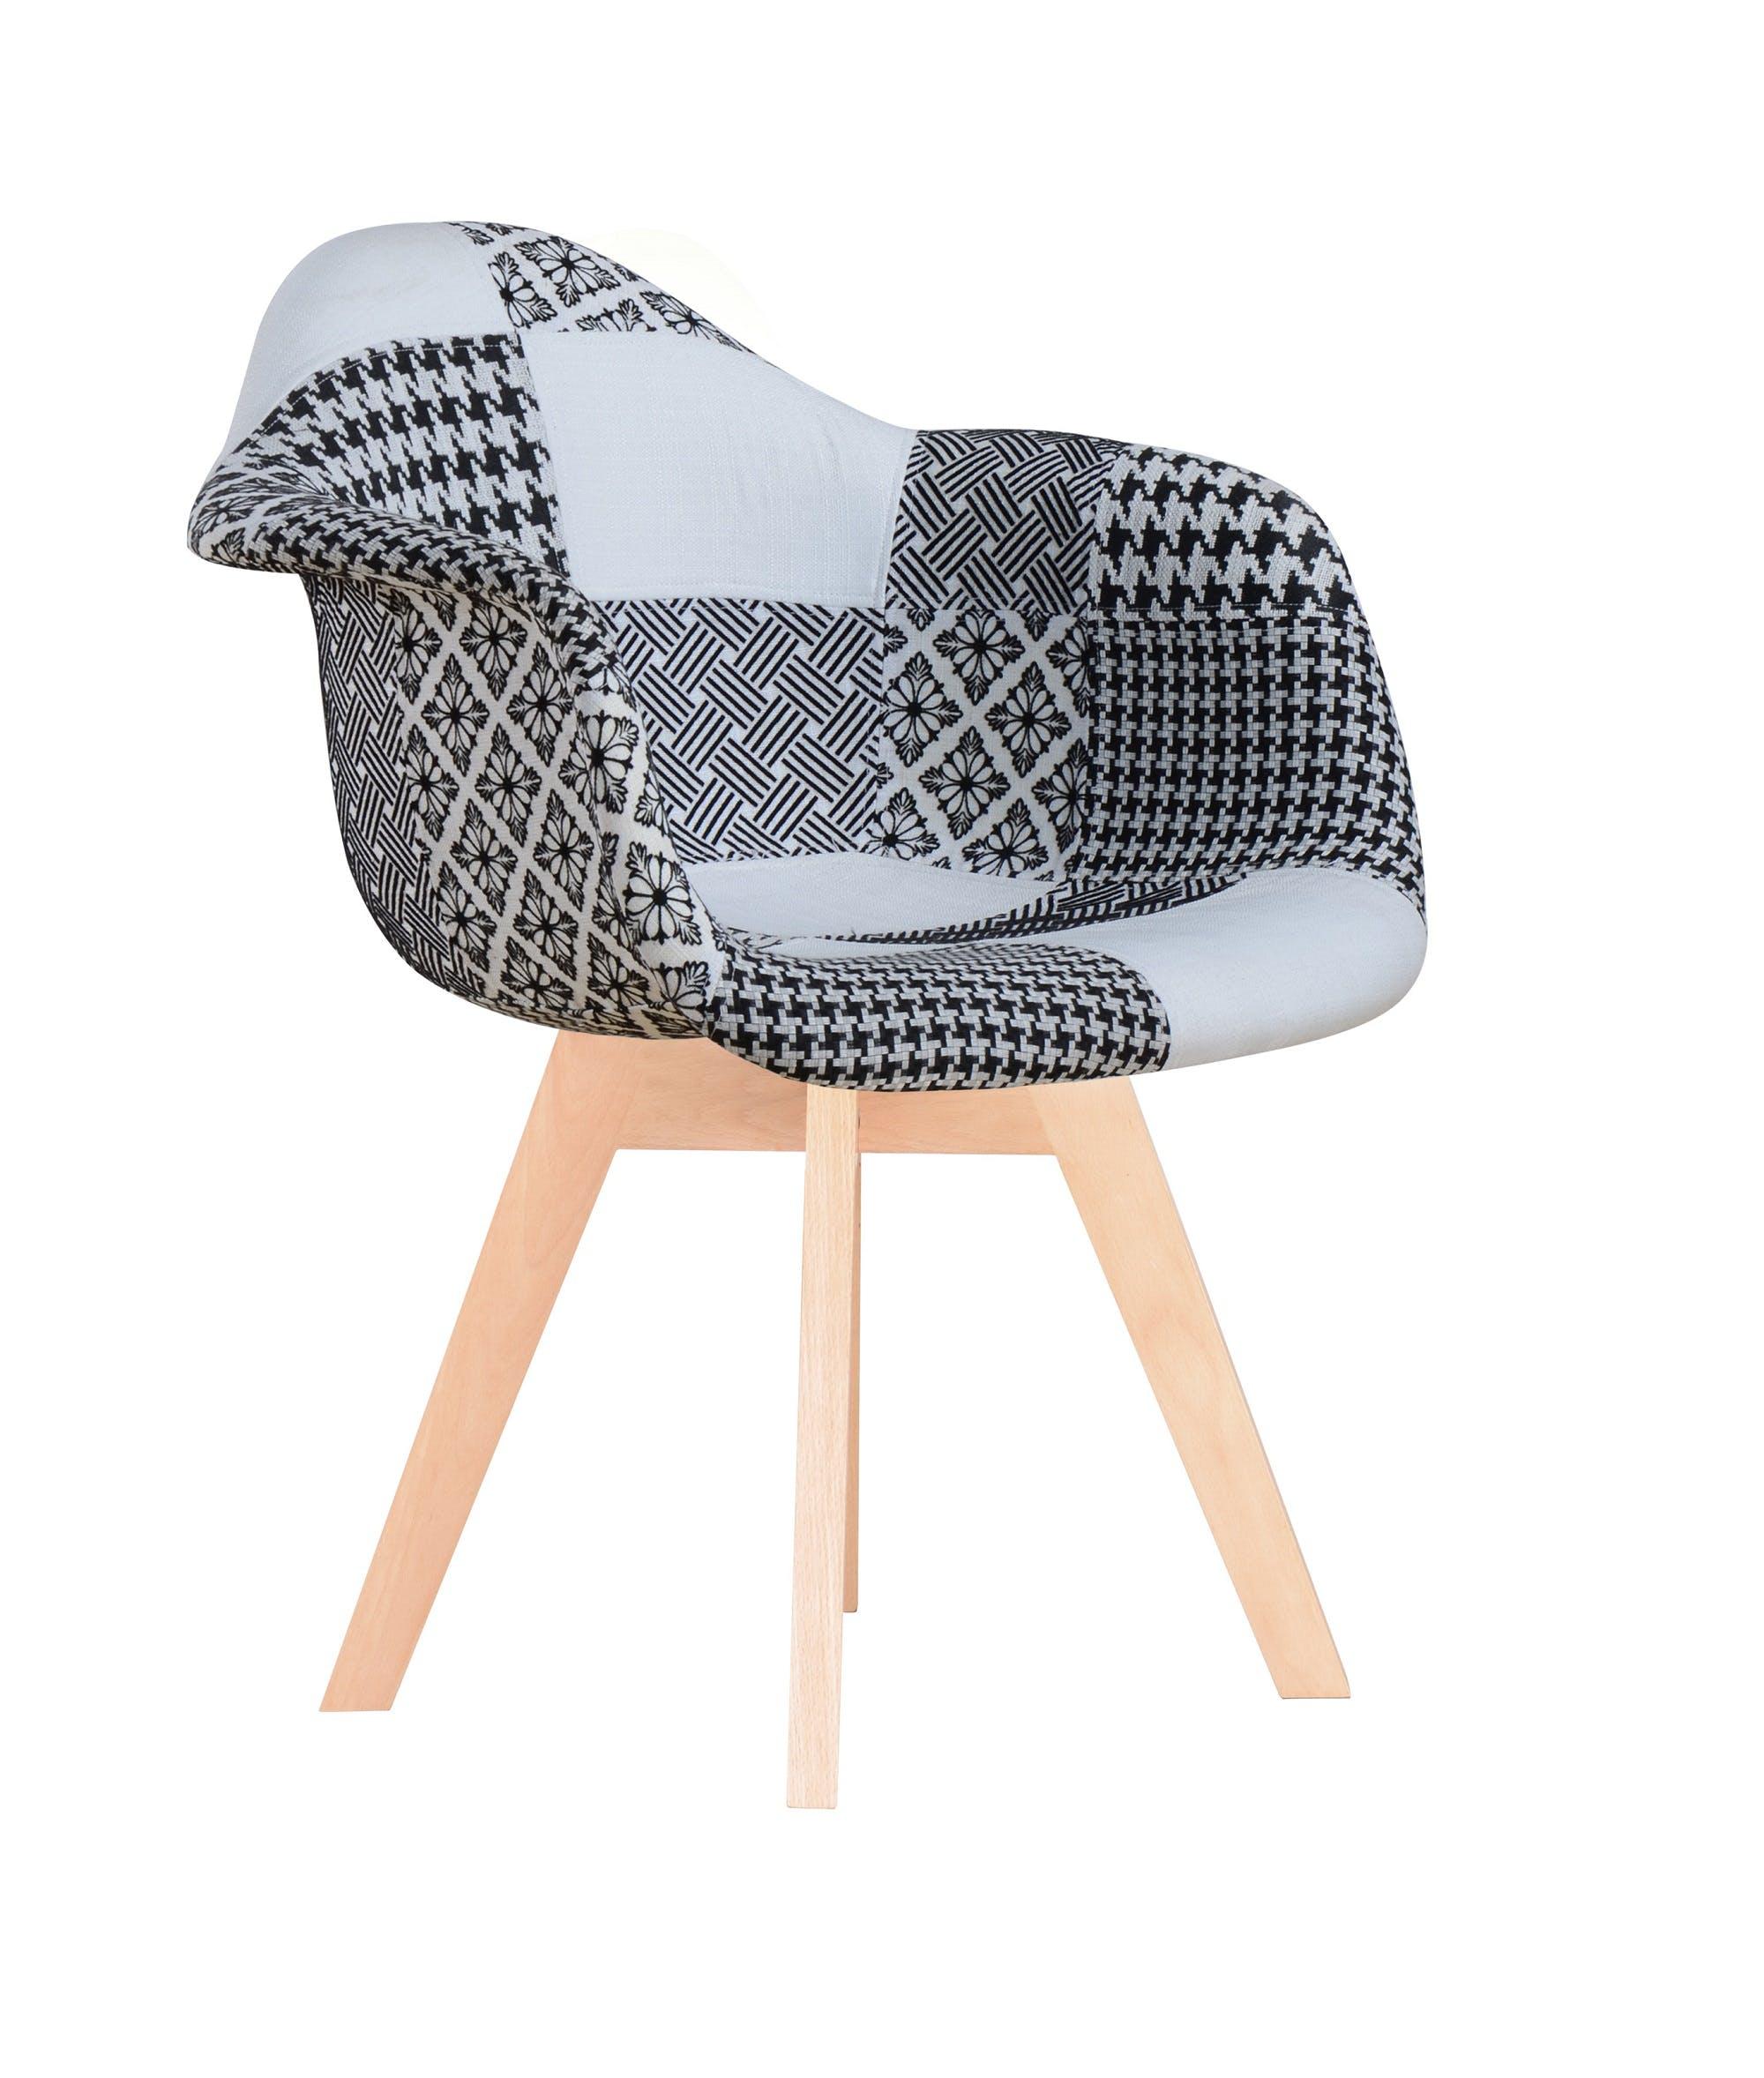 Fauteuil scandinave patchwork noir et blanc bois FINISH